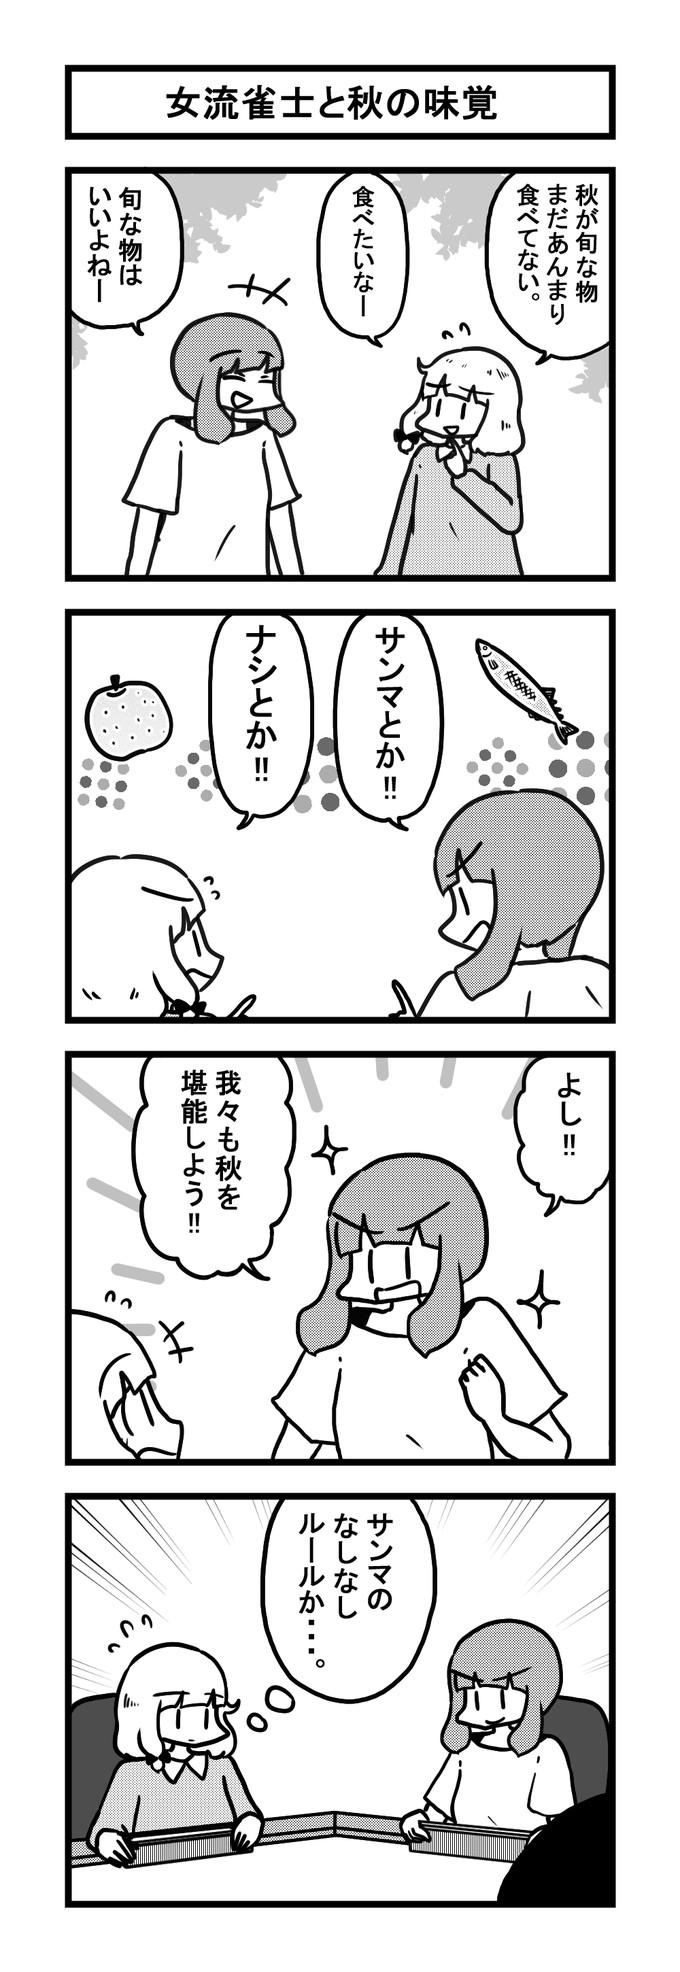 888女流雀士と秋の味覚-min